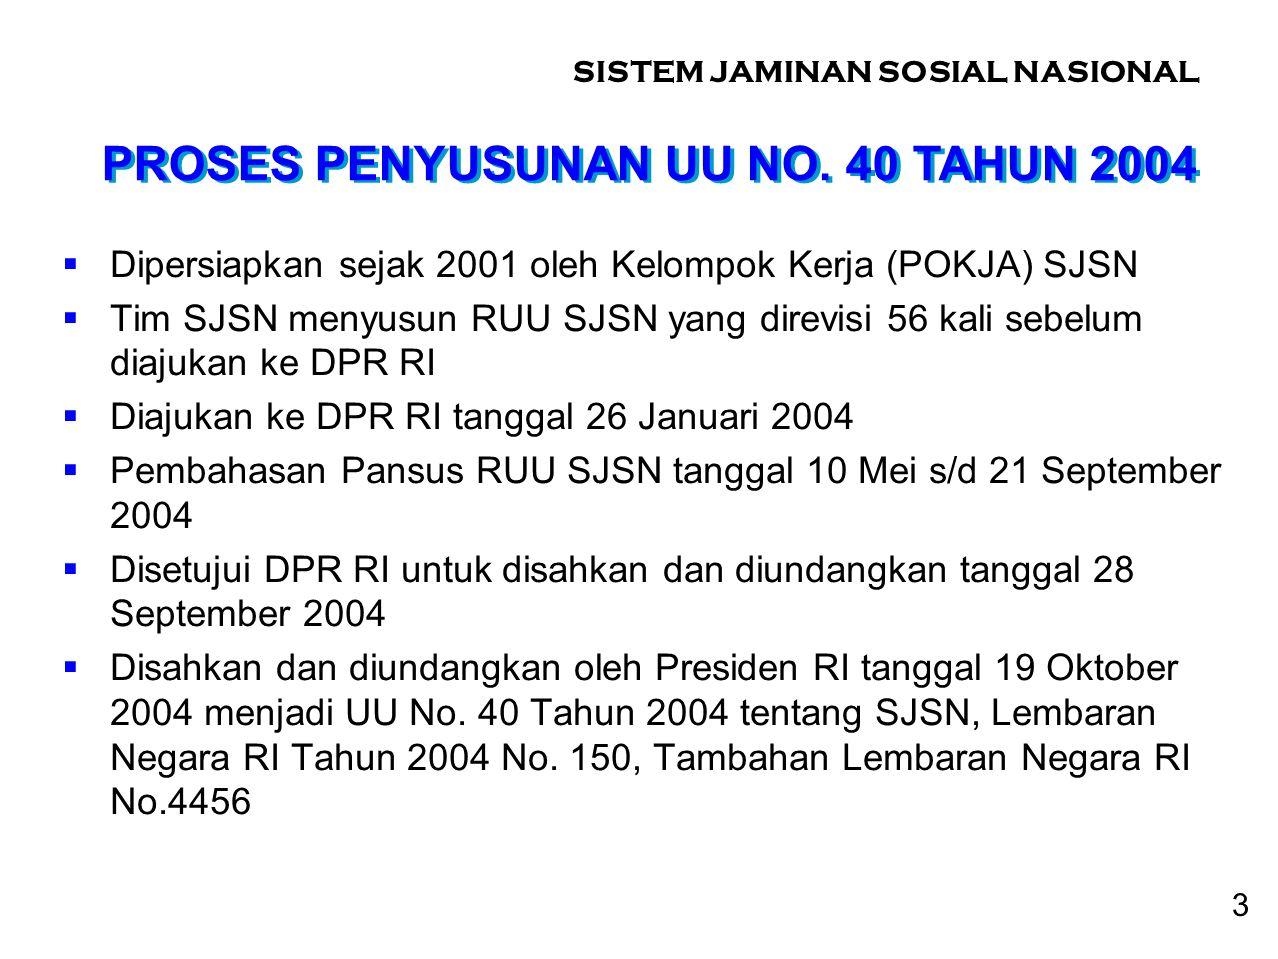 PROSES PENYUSUNAN UU NO. 40 TAHUN 2004  Dipersiapkan sejak 2001 oleh Kelompok Kerja (POKJA) SJSN  Tim SJSN menyusun RUU SJSN yang direvisi 56 kali s